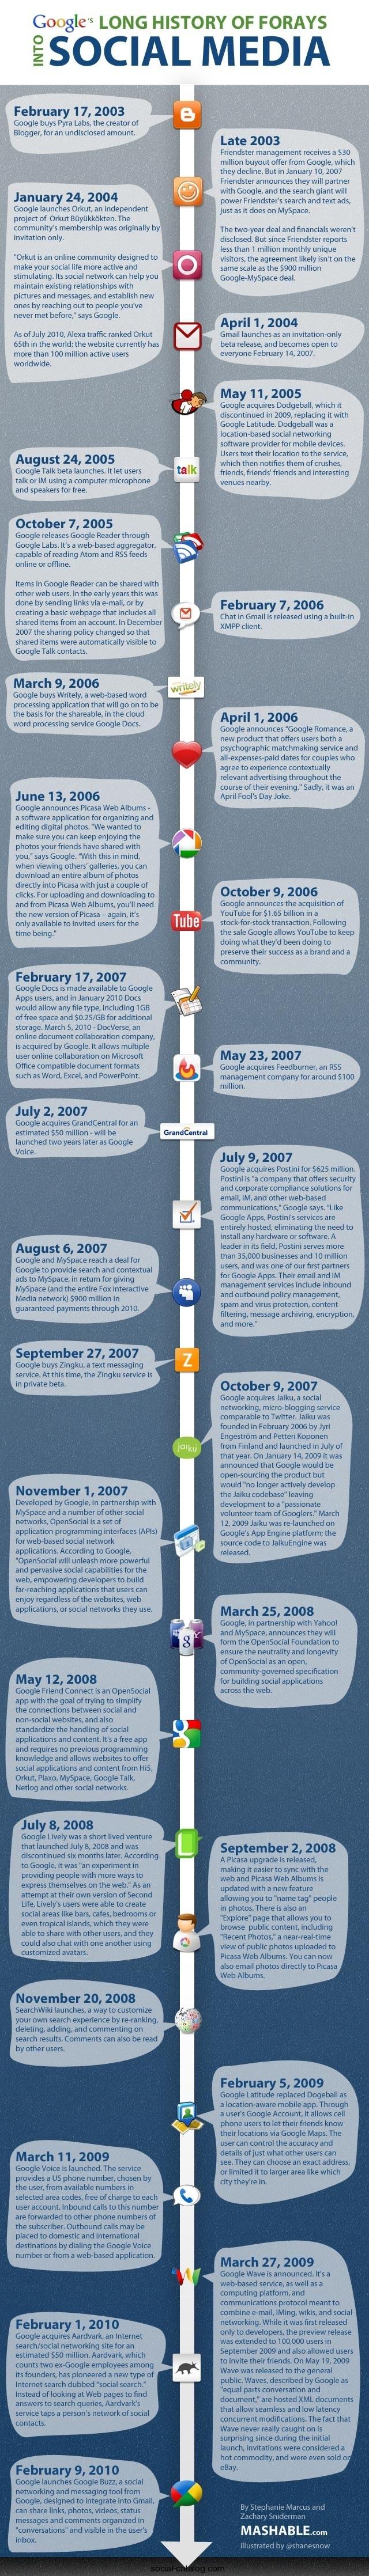 Die Geschichte von Google und Social Media